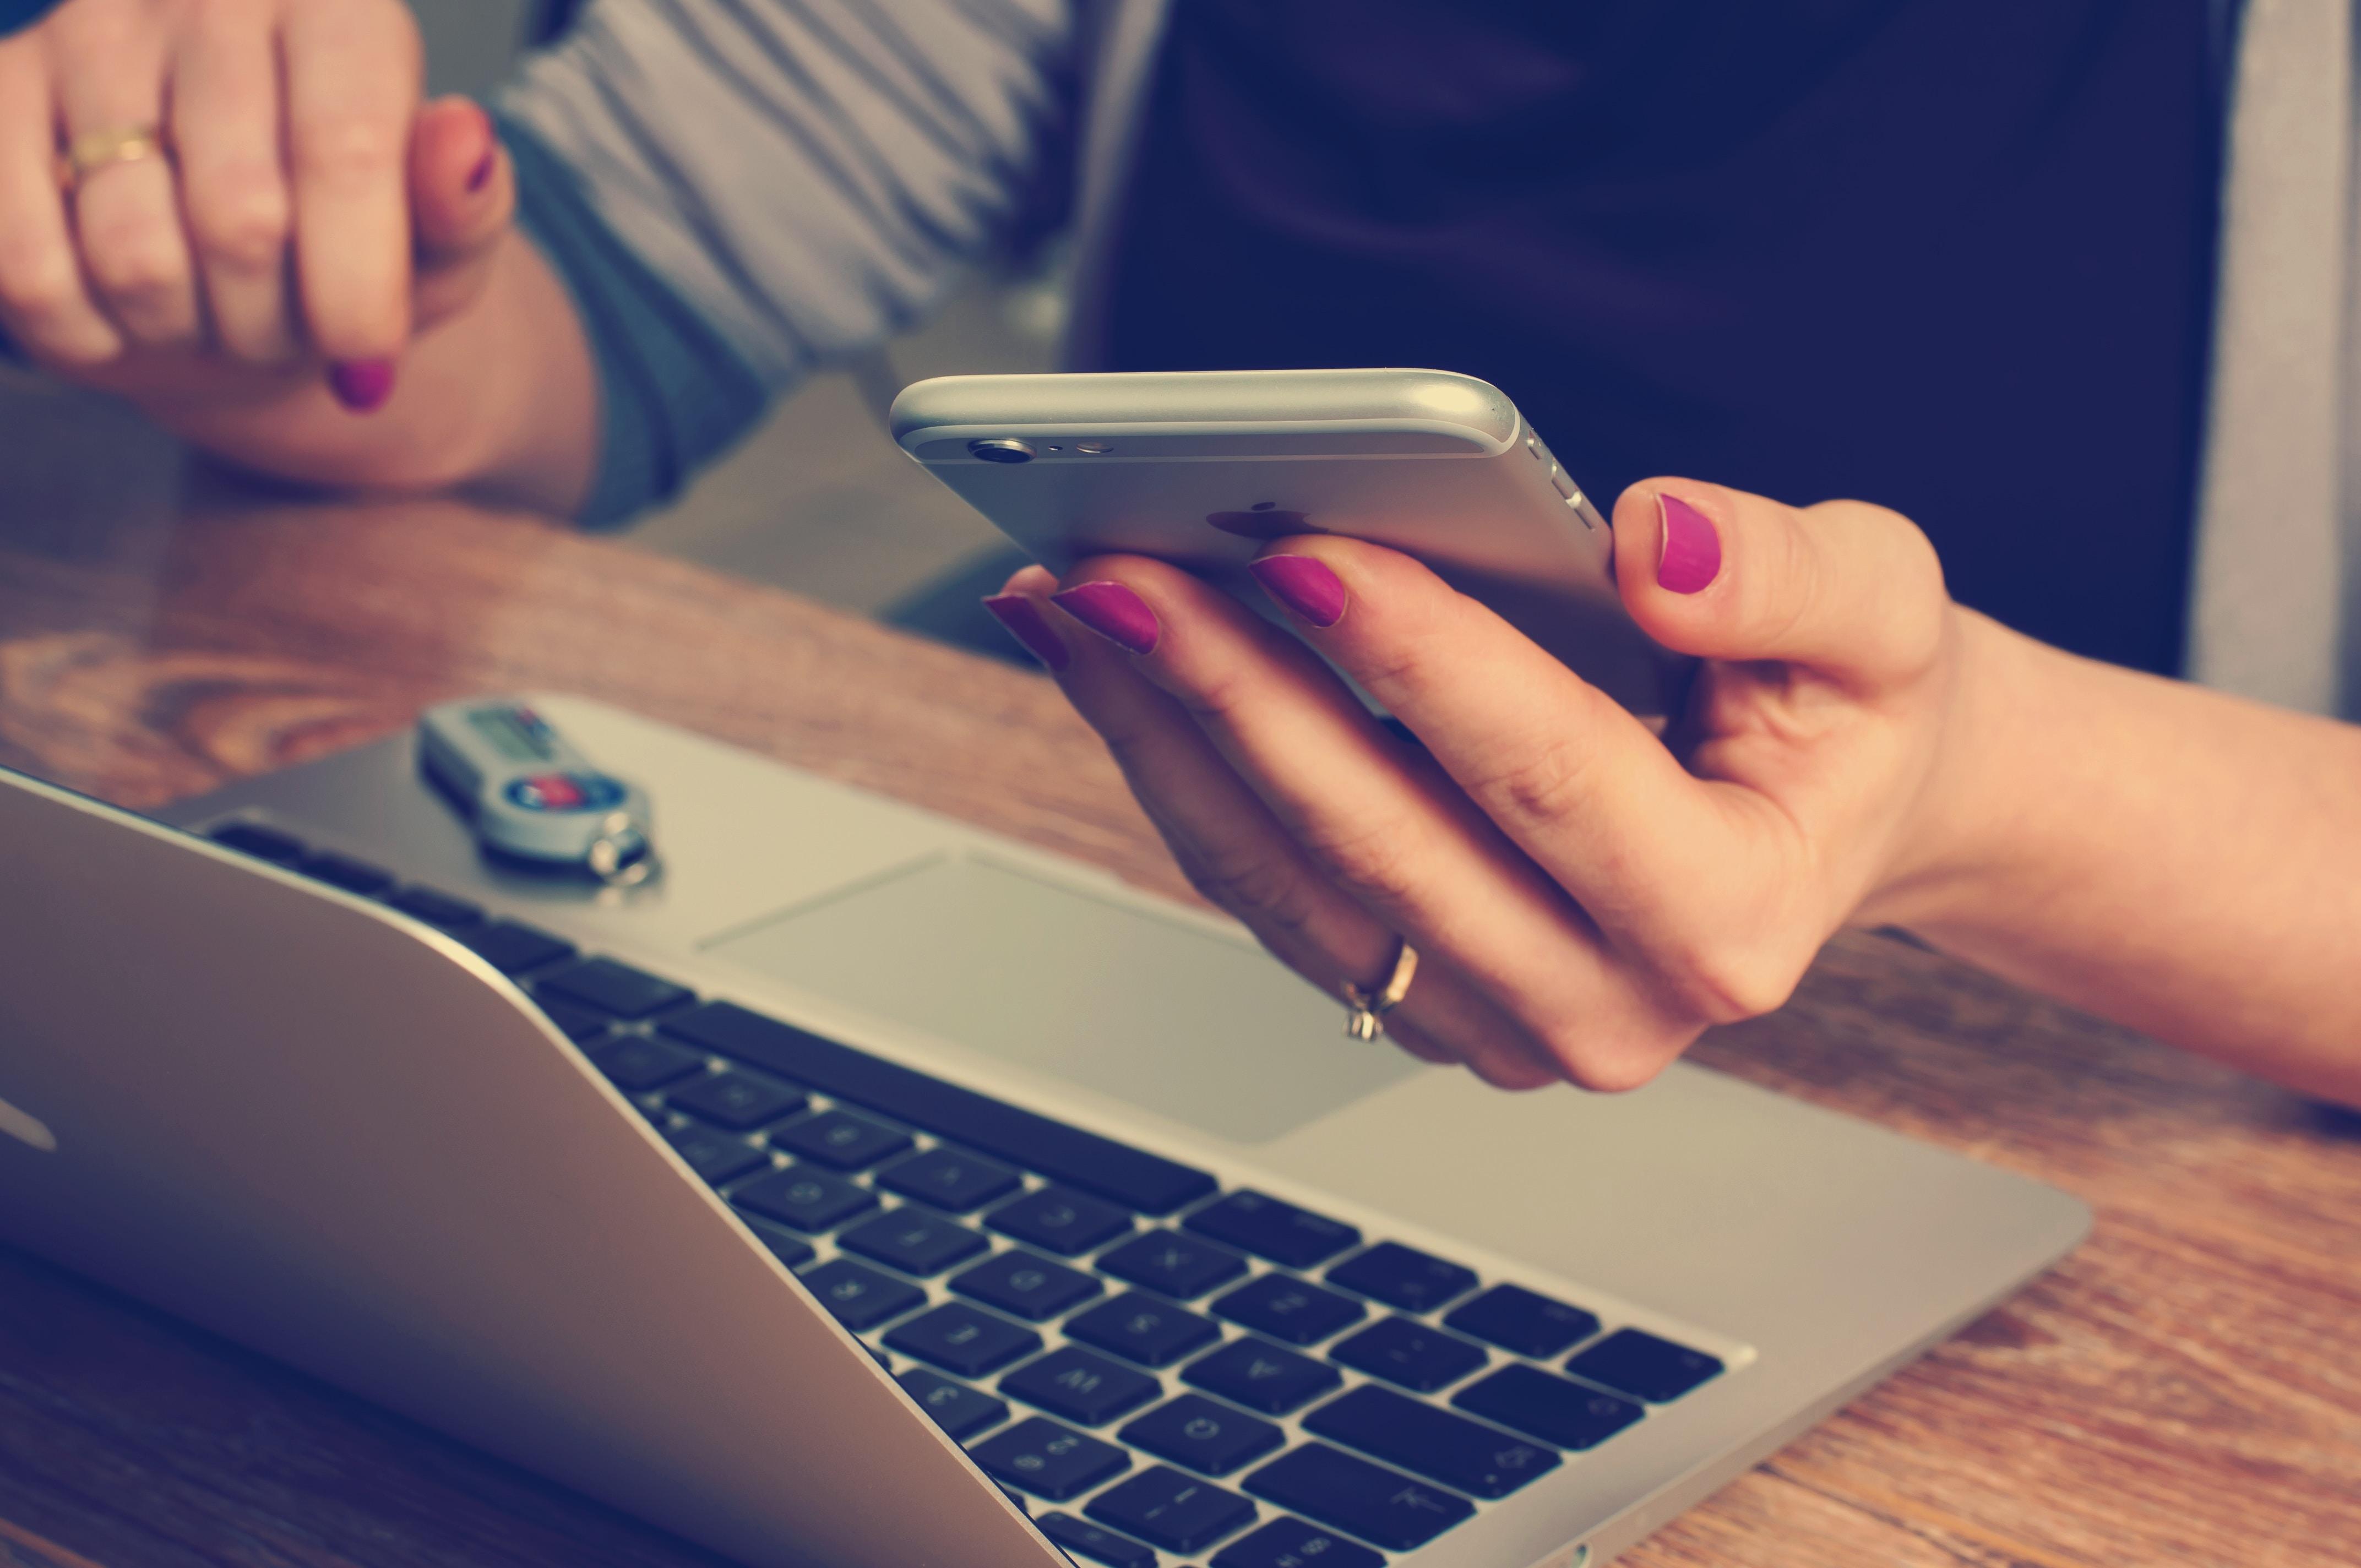 Third of charity staff lack digital skills